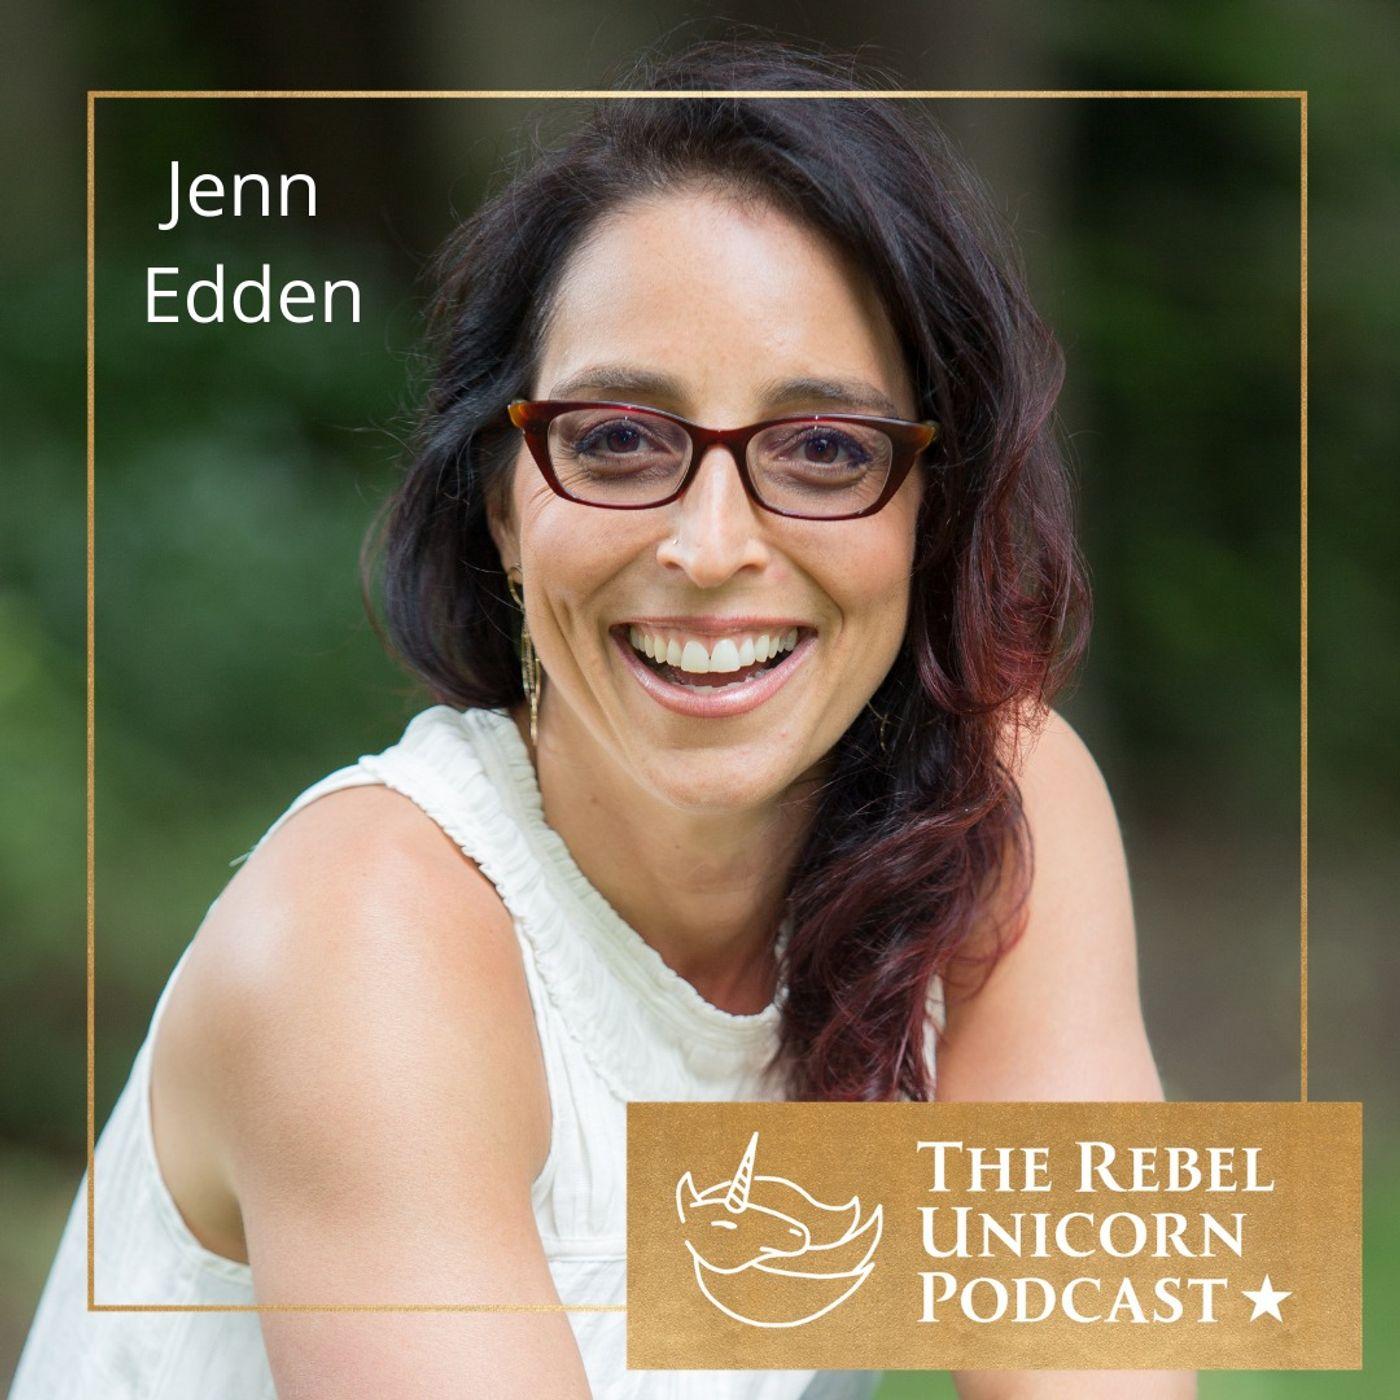 Jenn Edden and Boundaries